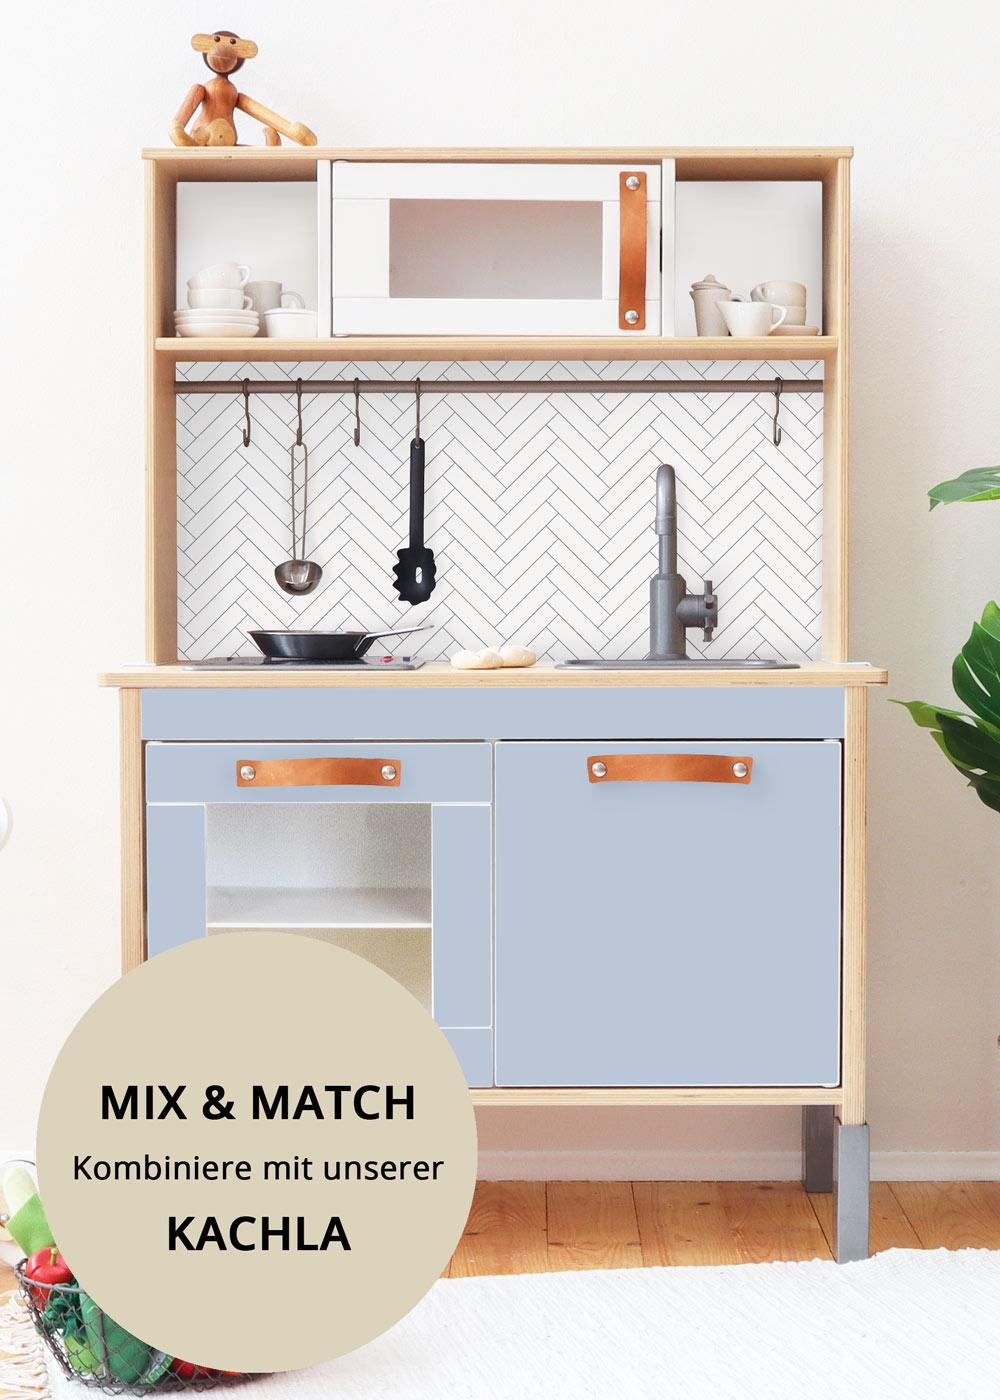 Ikea Duktig Kinderküche Frontli Nordisch blau Komplettansicht